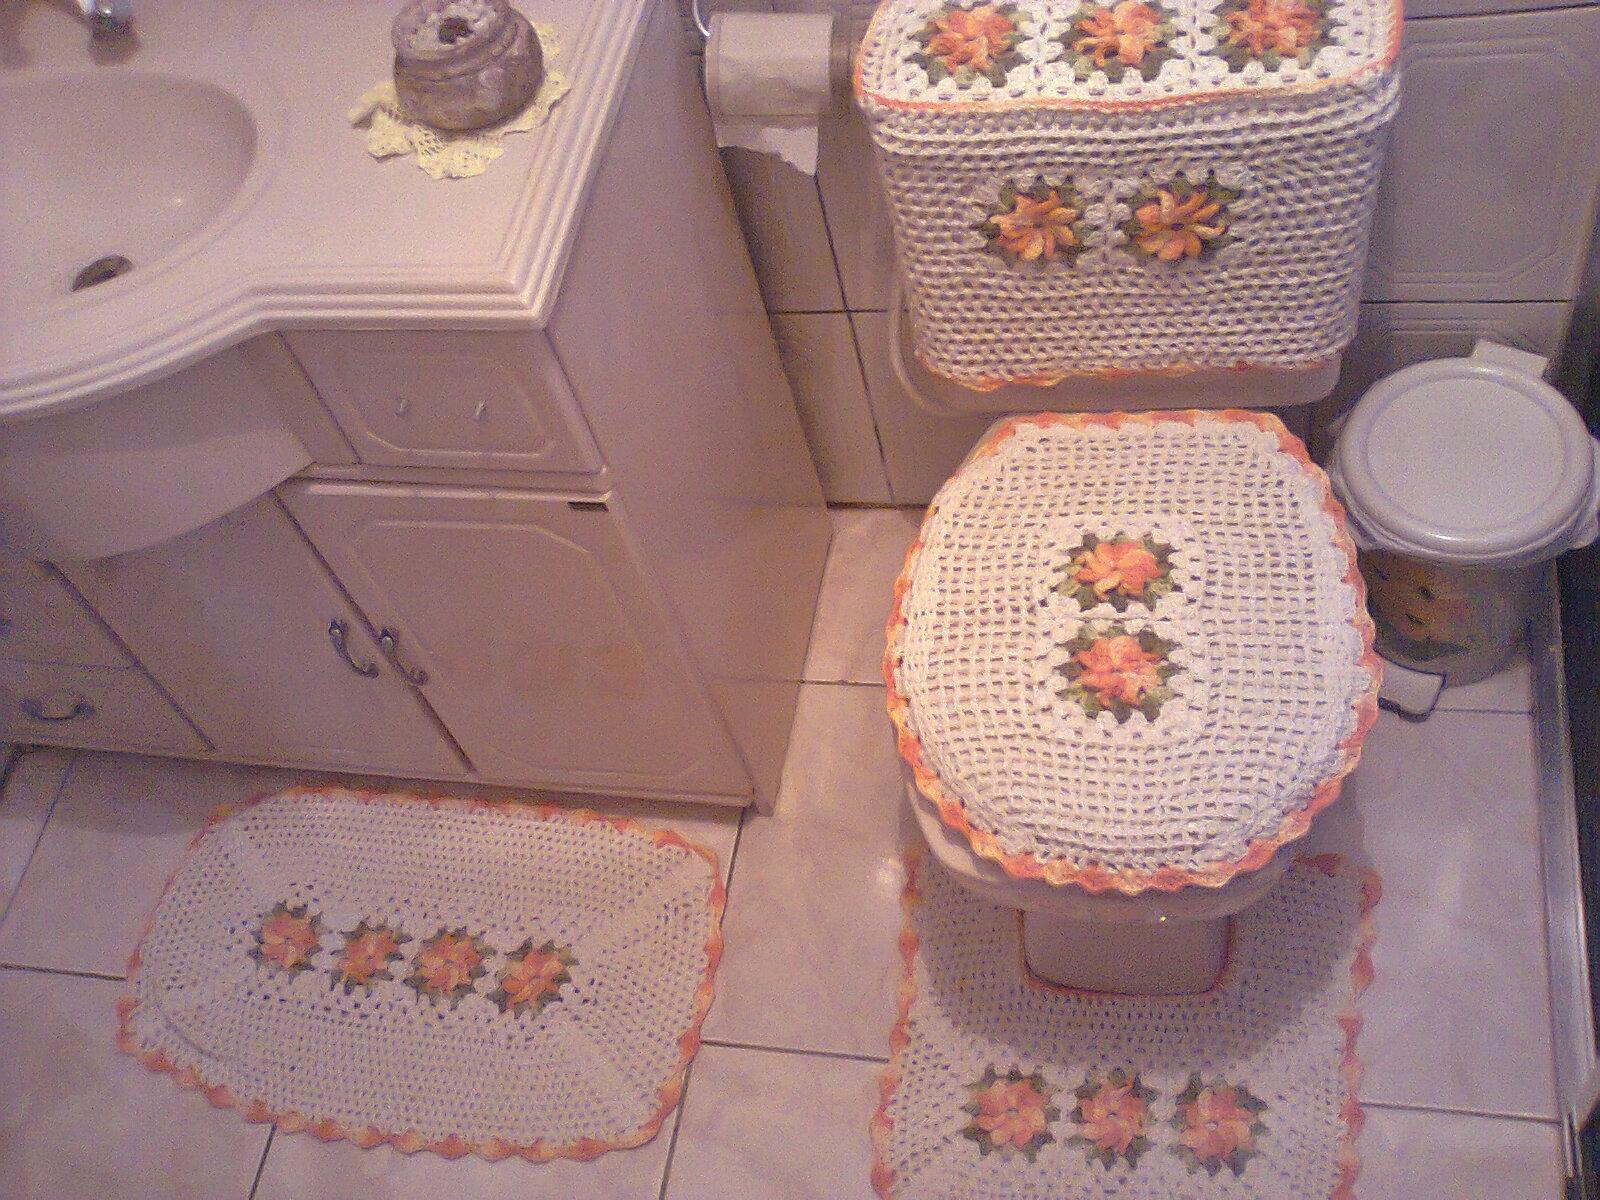 Tapete Da Pia Em Croche Jogo De Banheiro Barbante Tattoo Design Bild #91543A 1600x1200 Banheiro De Luxo Container